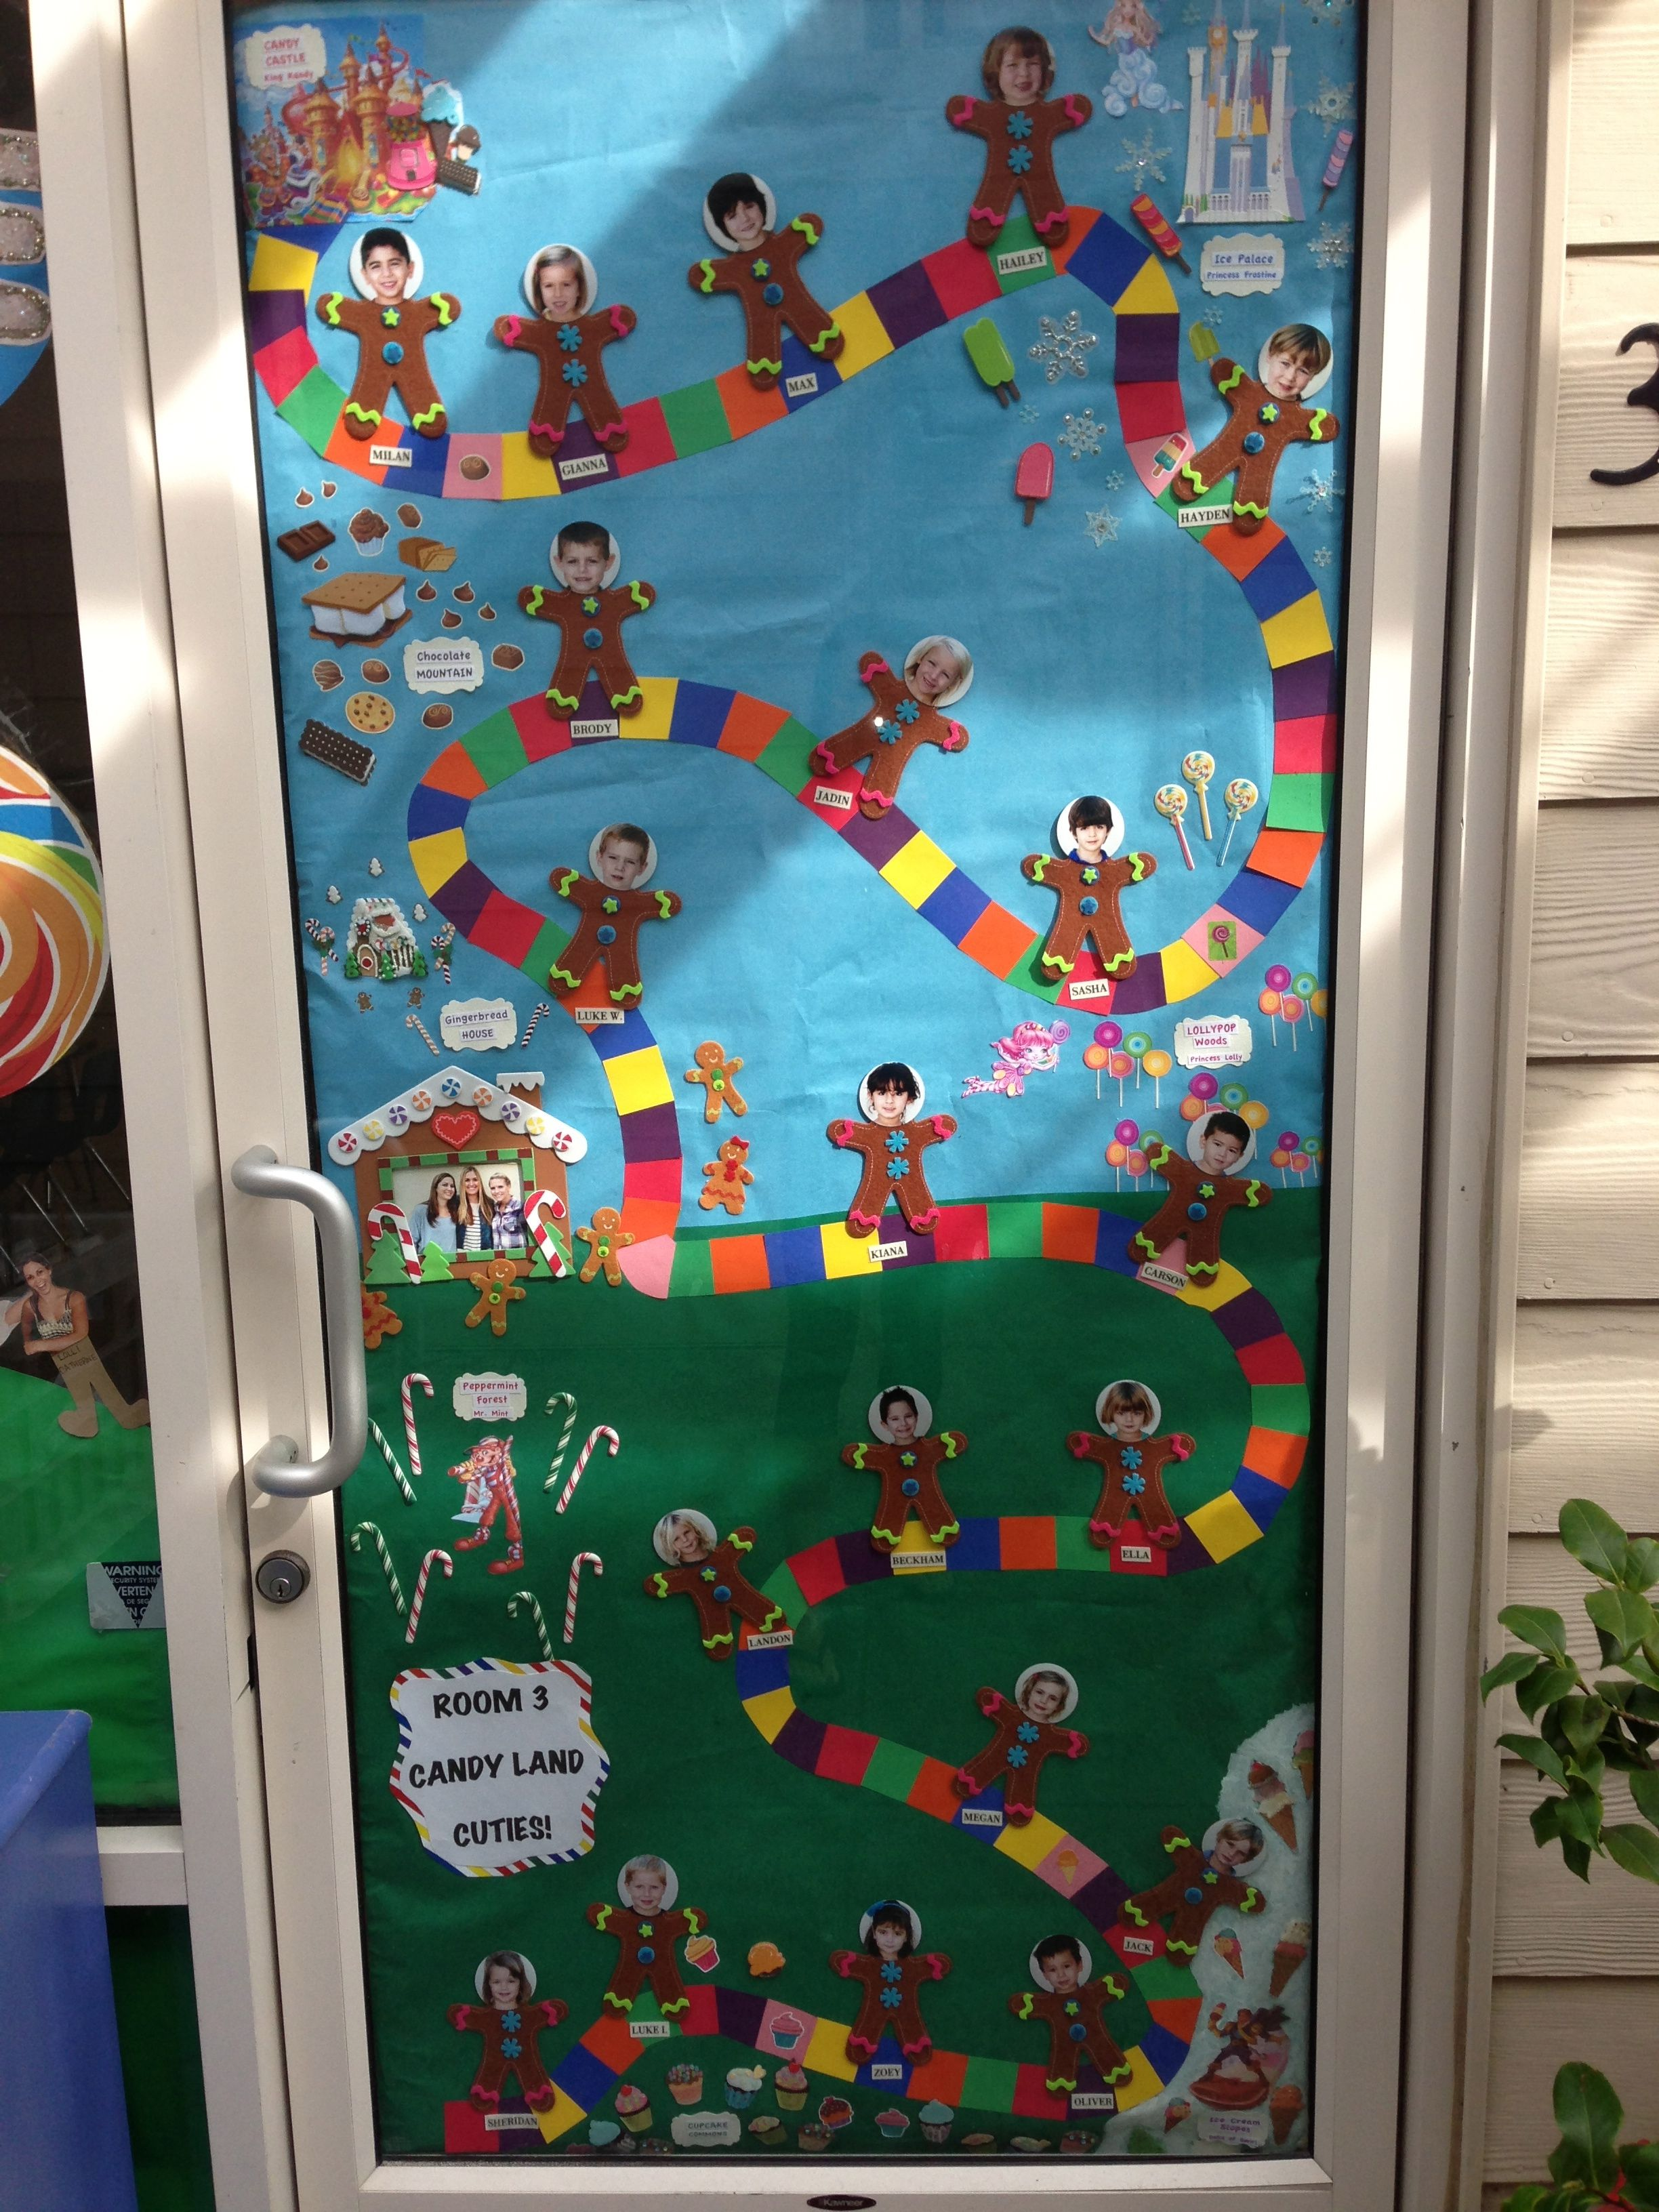 candy land door room 3 - Candyland Christmas Door Decorations